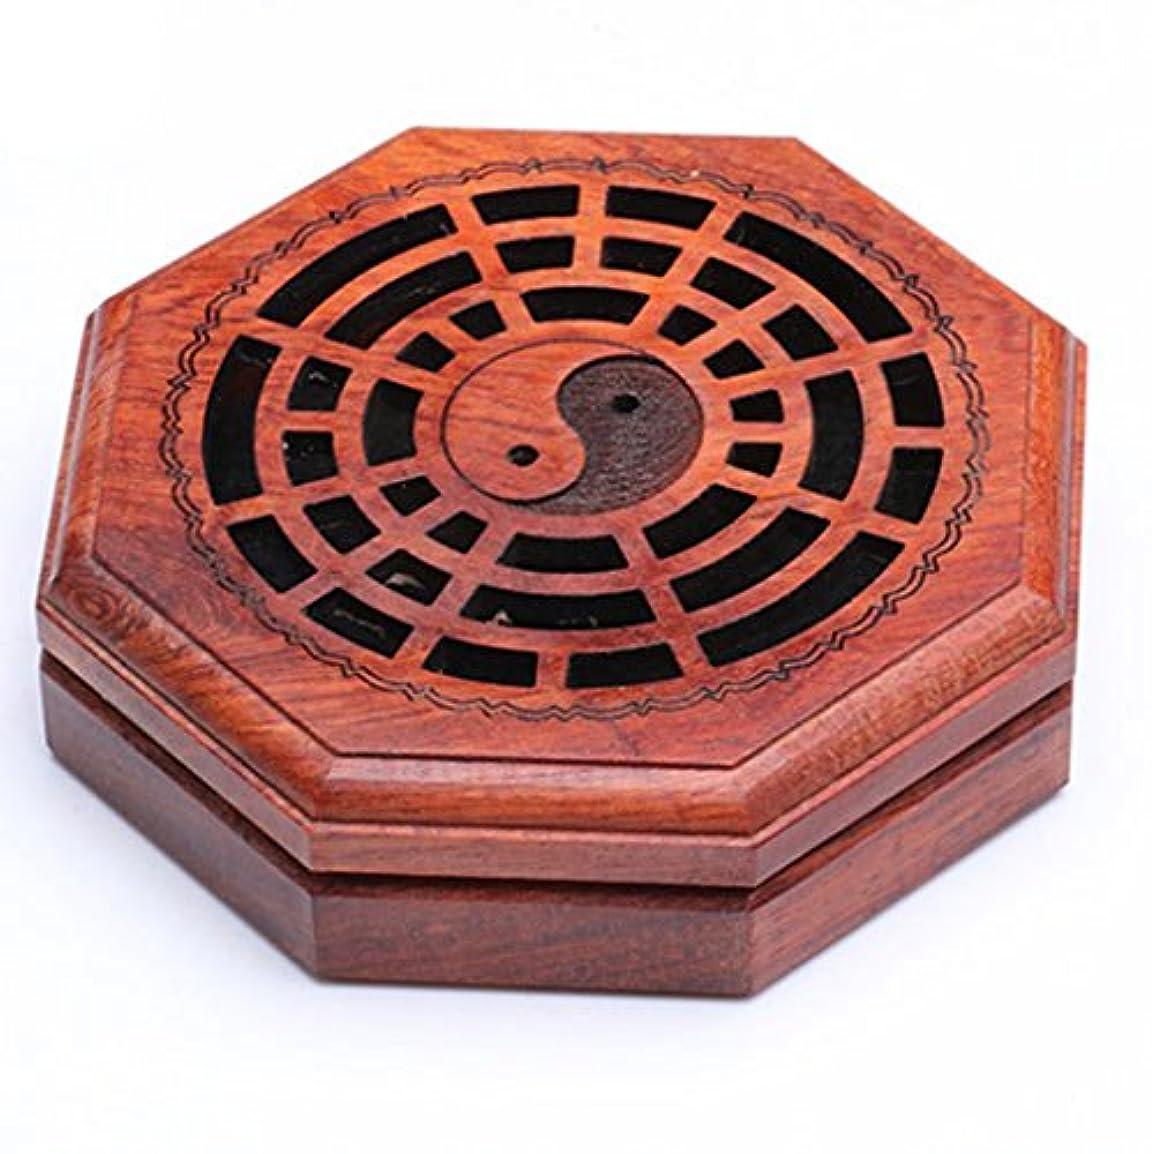 登録こするに話す(ラシューバー) Lasuiveur 香炉 線香立て 香立て 職人さんの手作り 茶道用品 おしゃれ  木製 透かし彫り